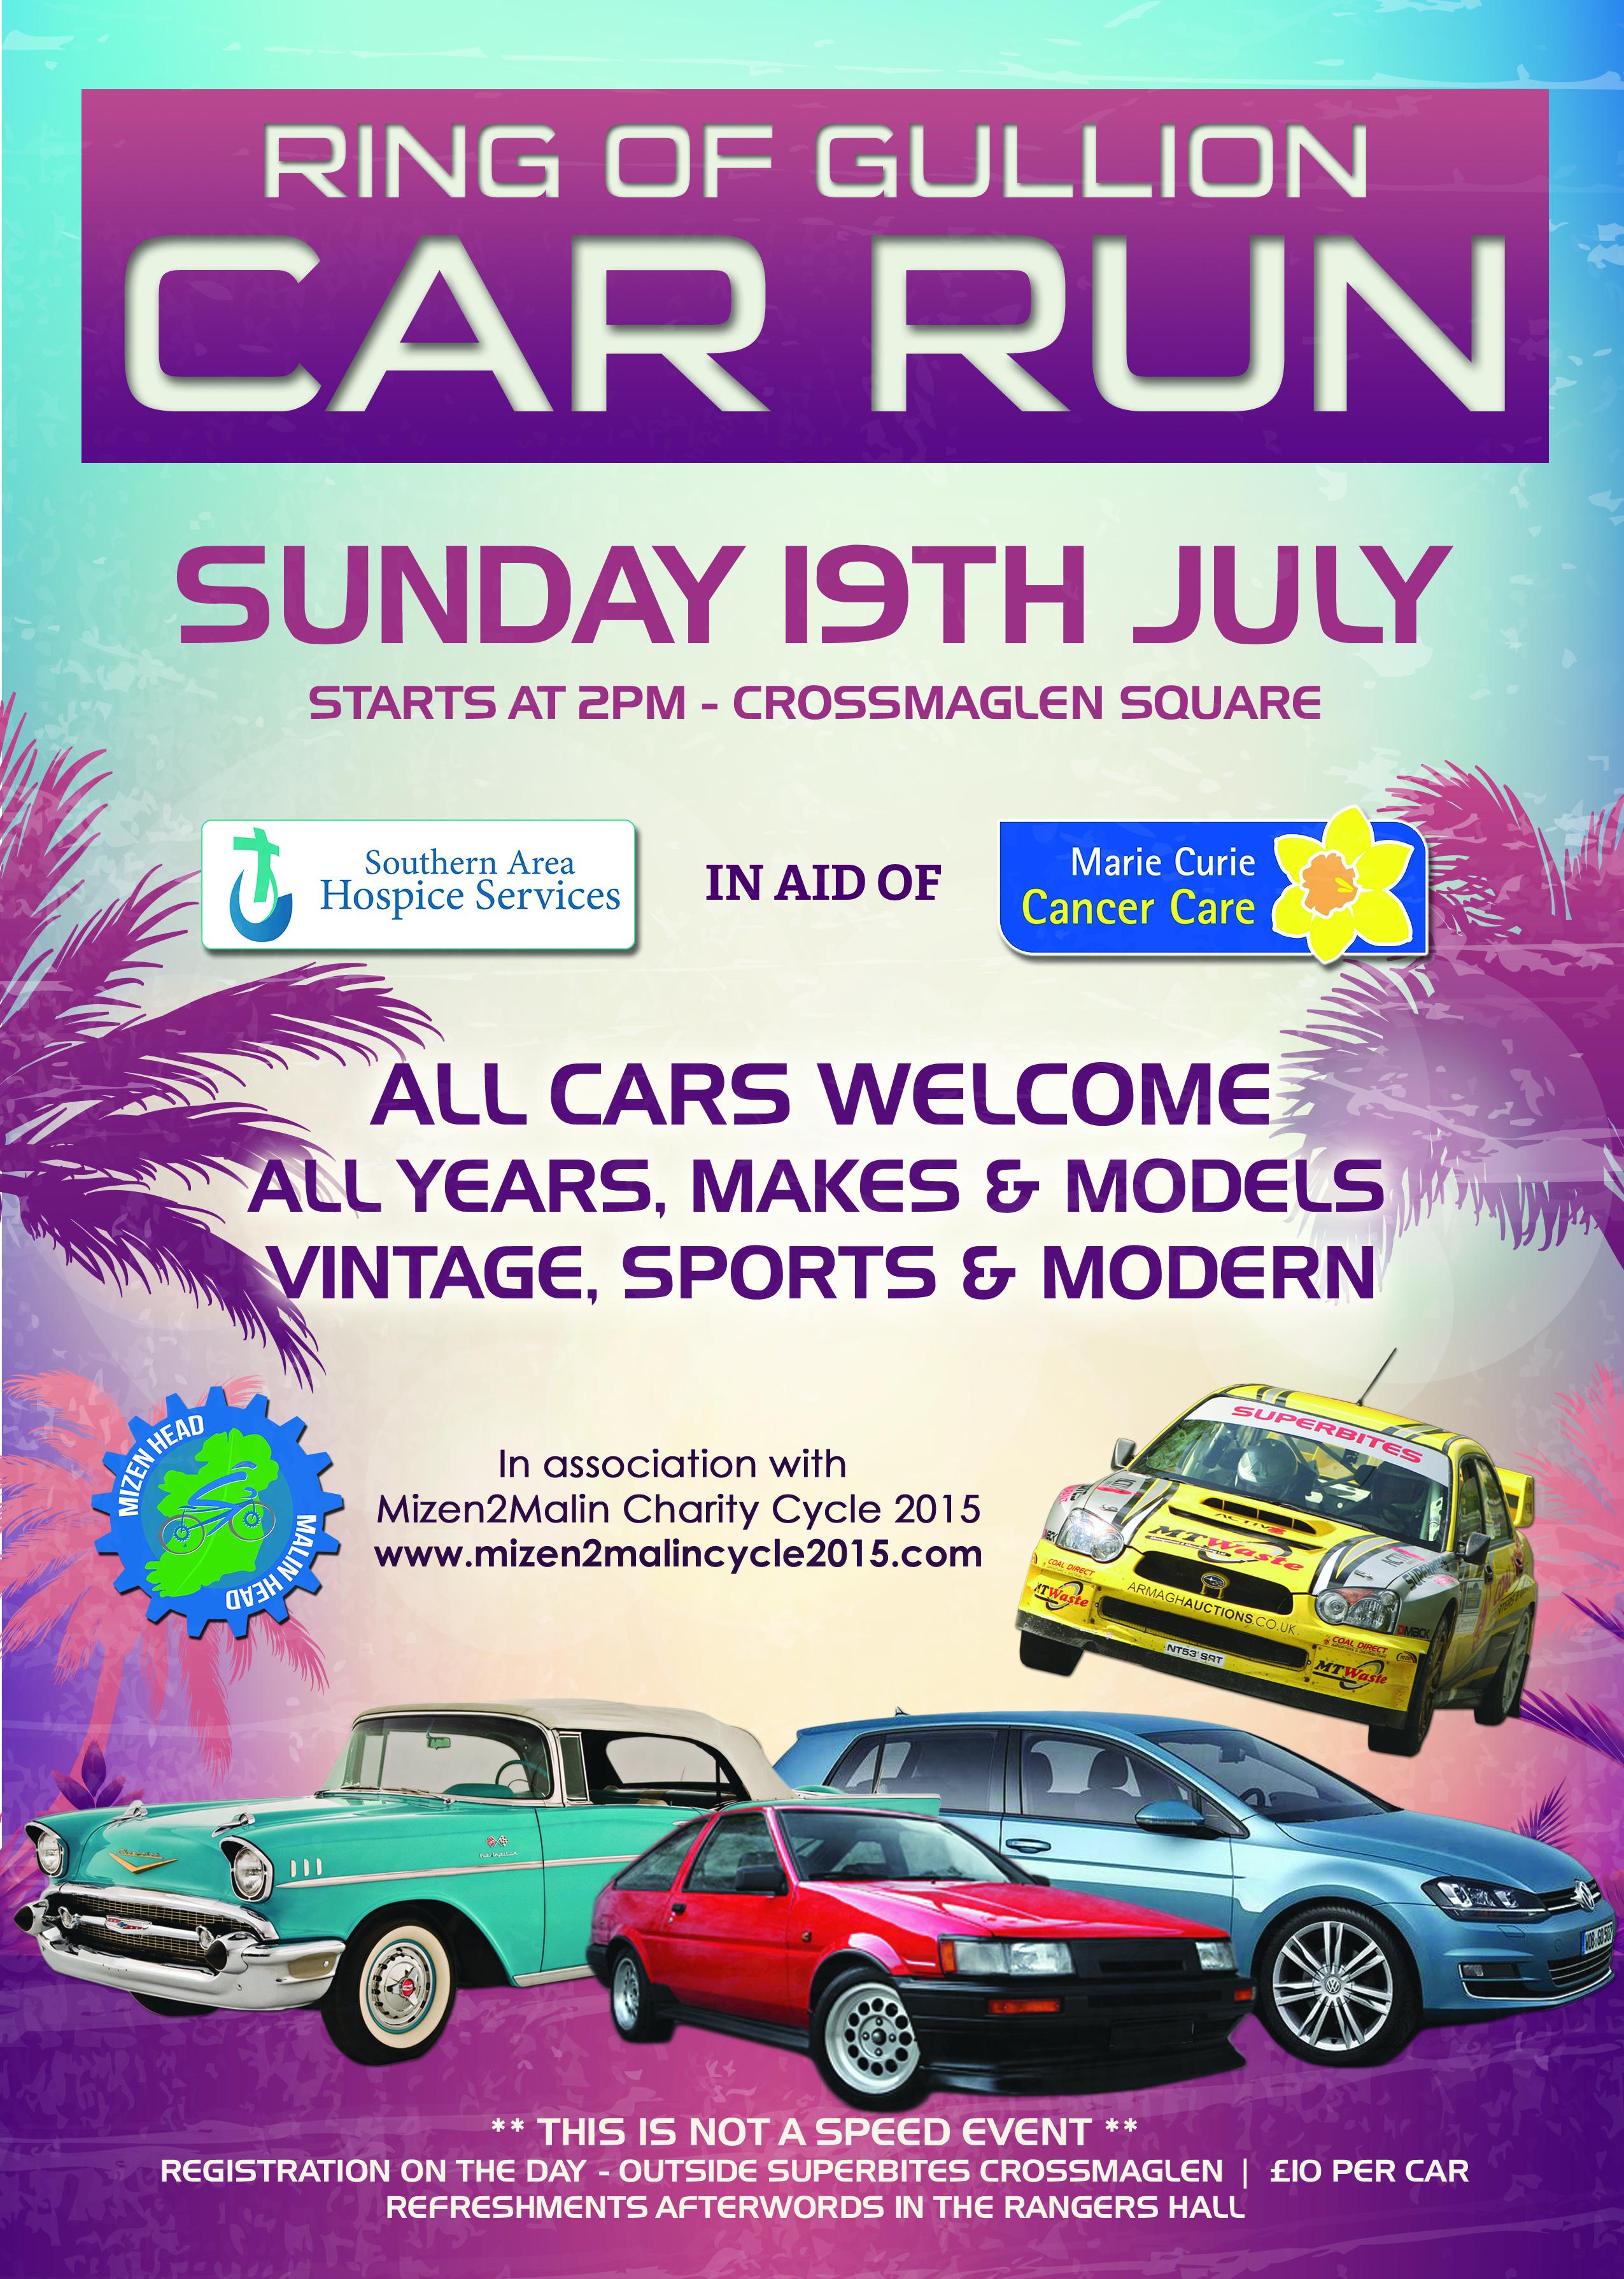 Ring of Gullion Car Run